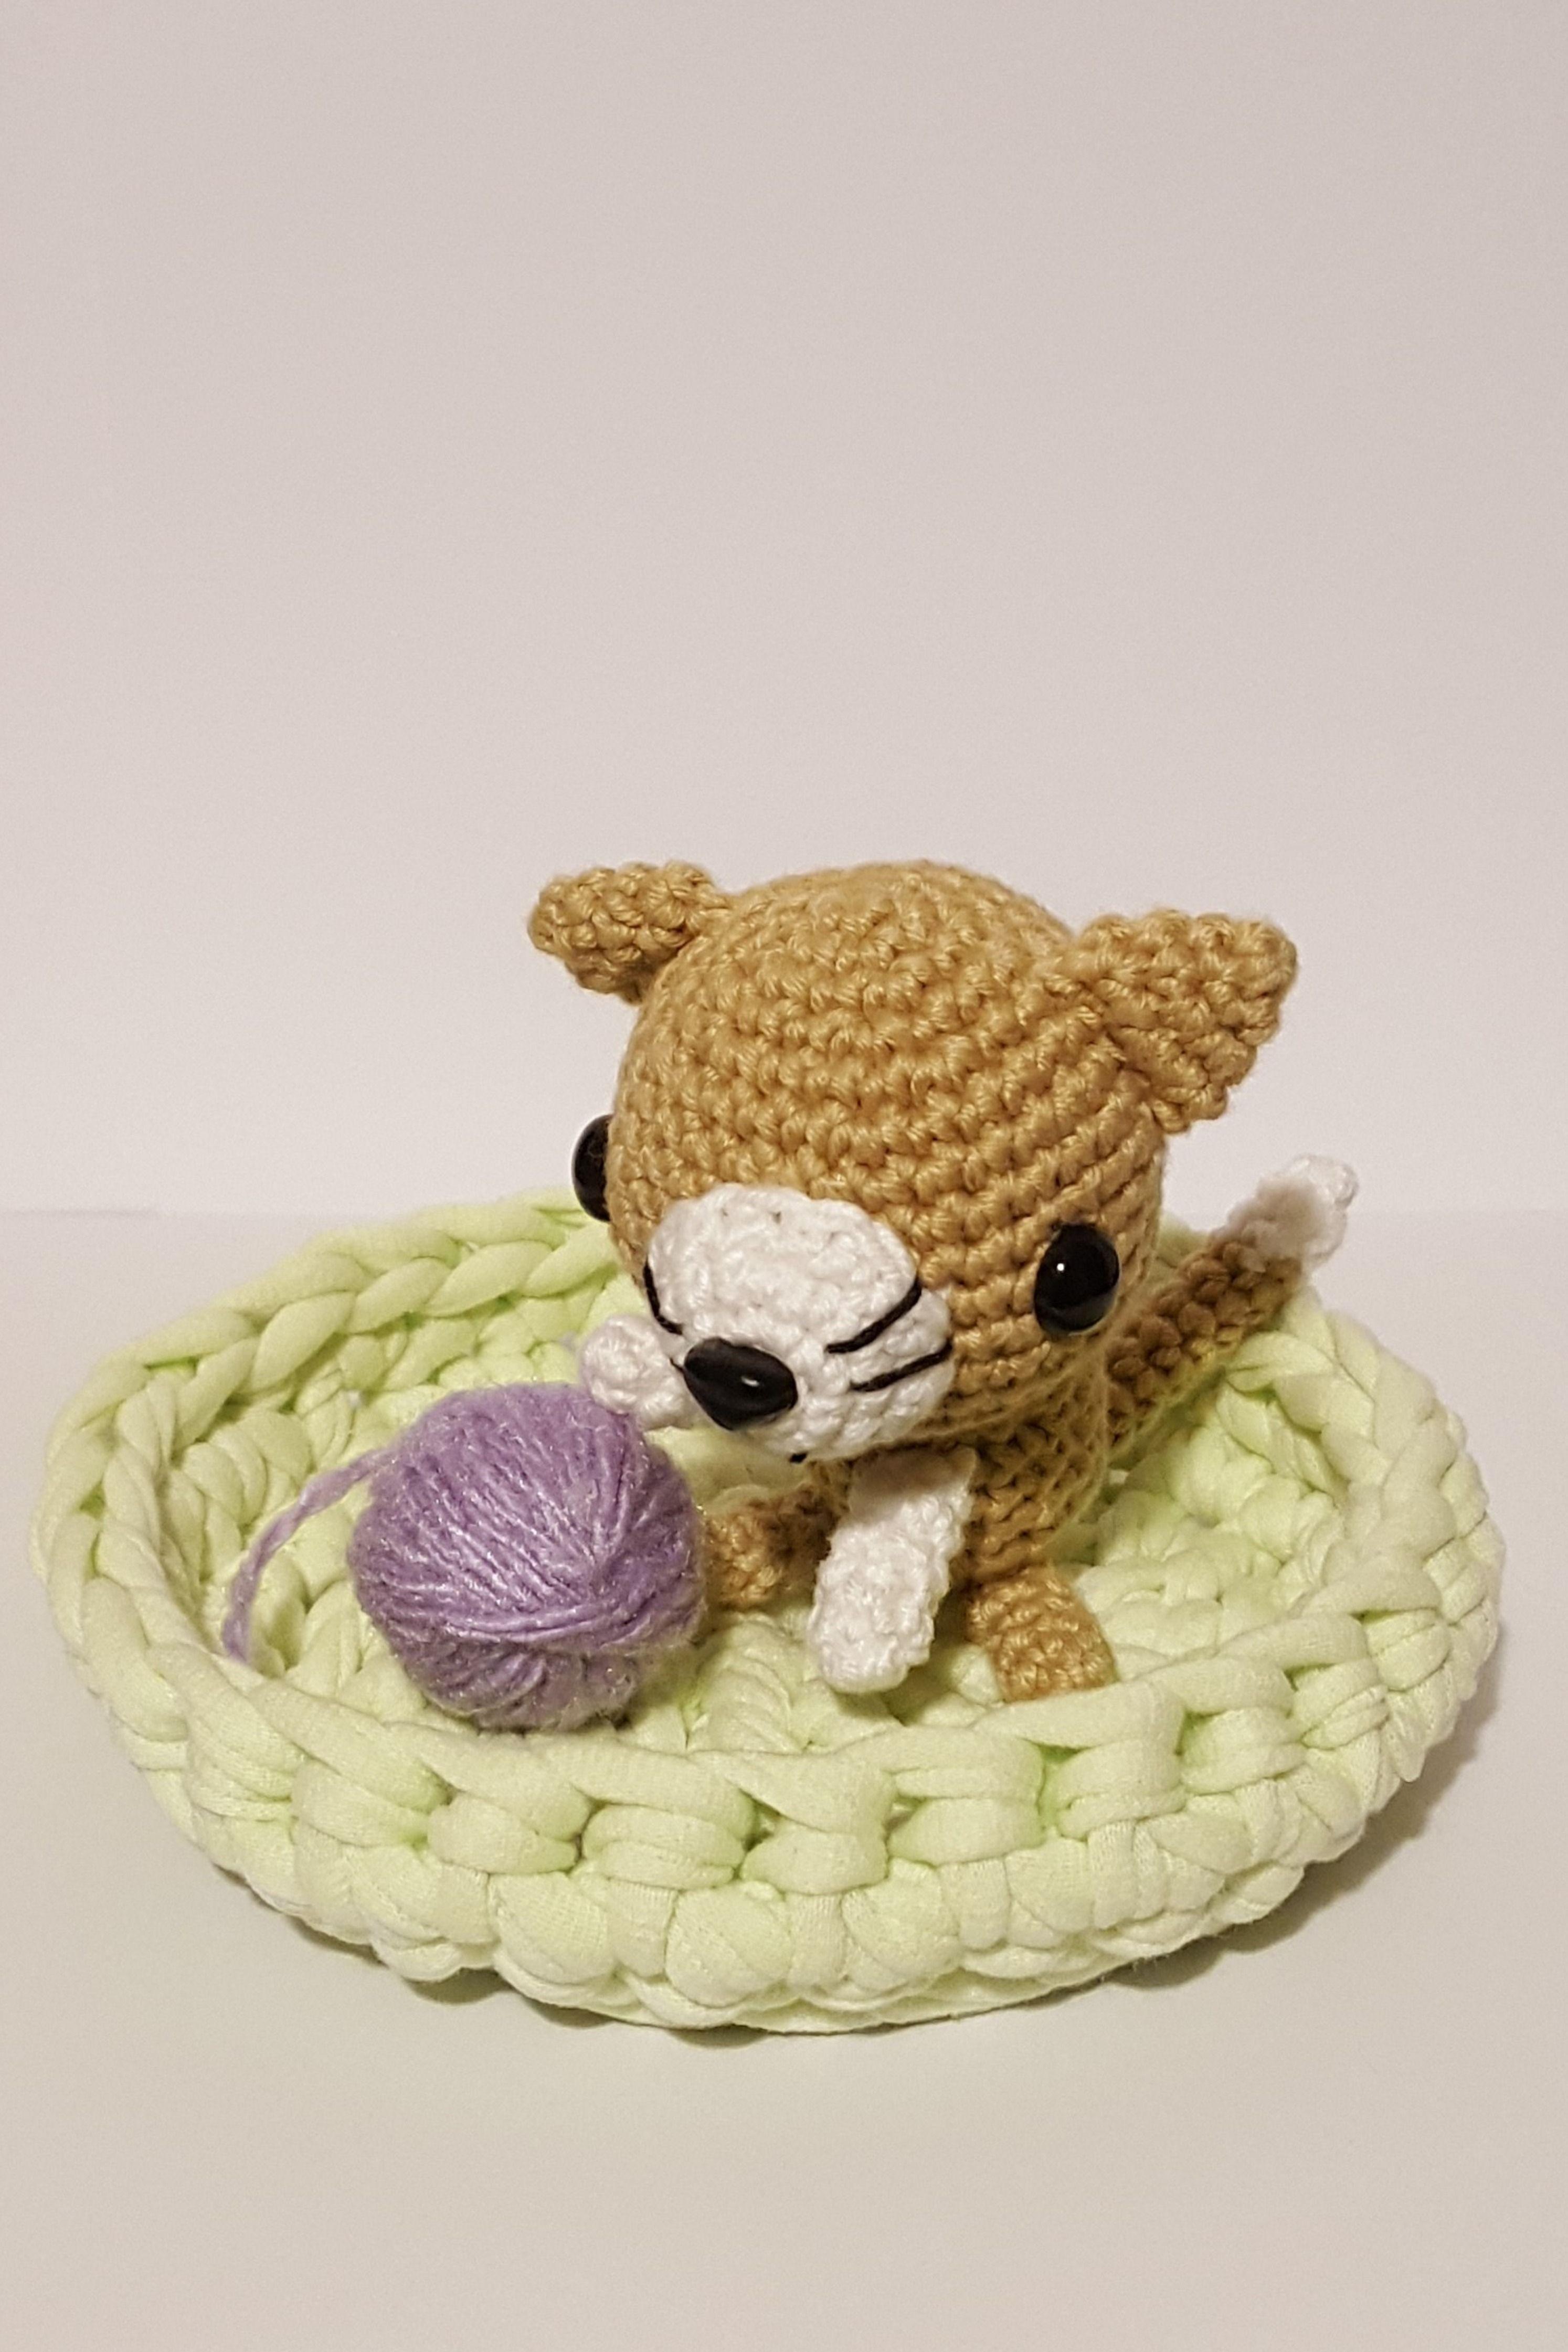 Crochet amigurumi cat plush toy Knitted playful kitten